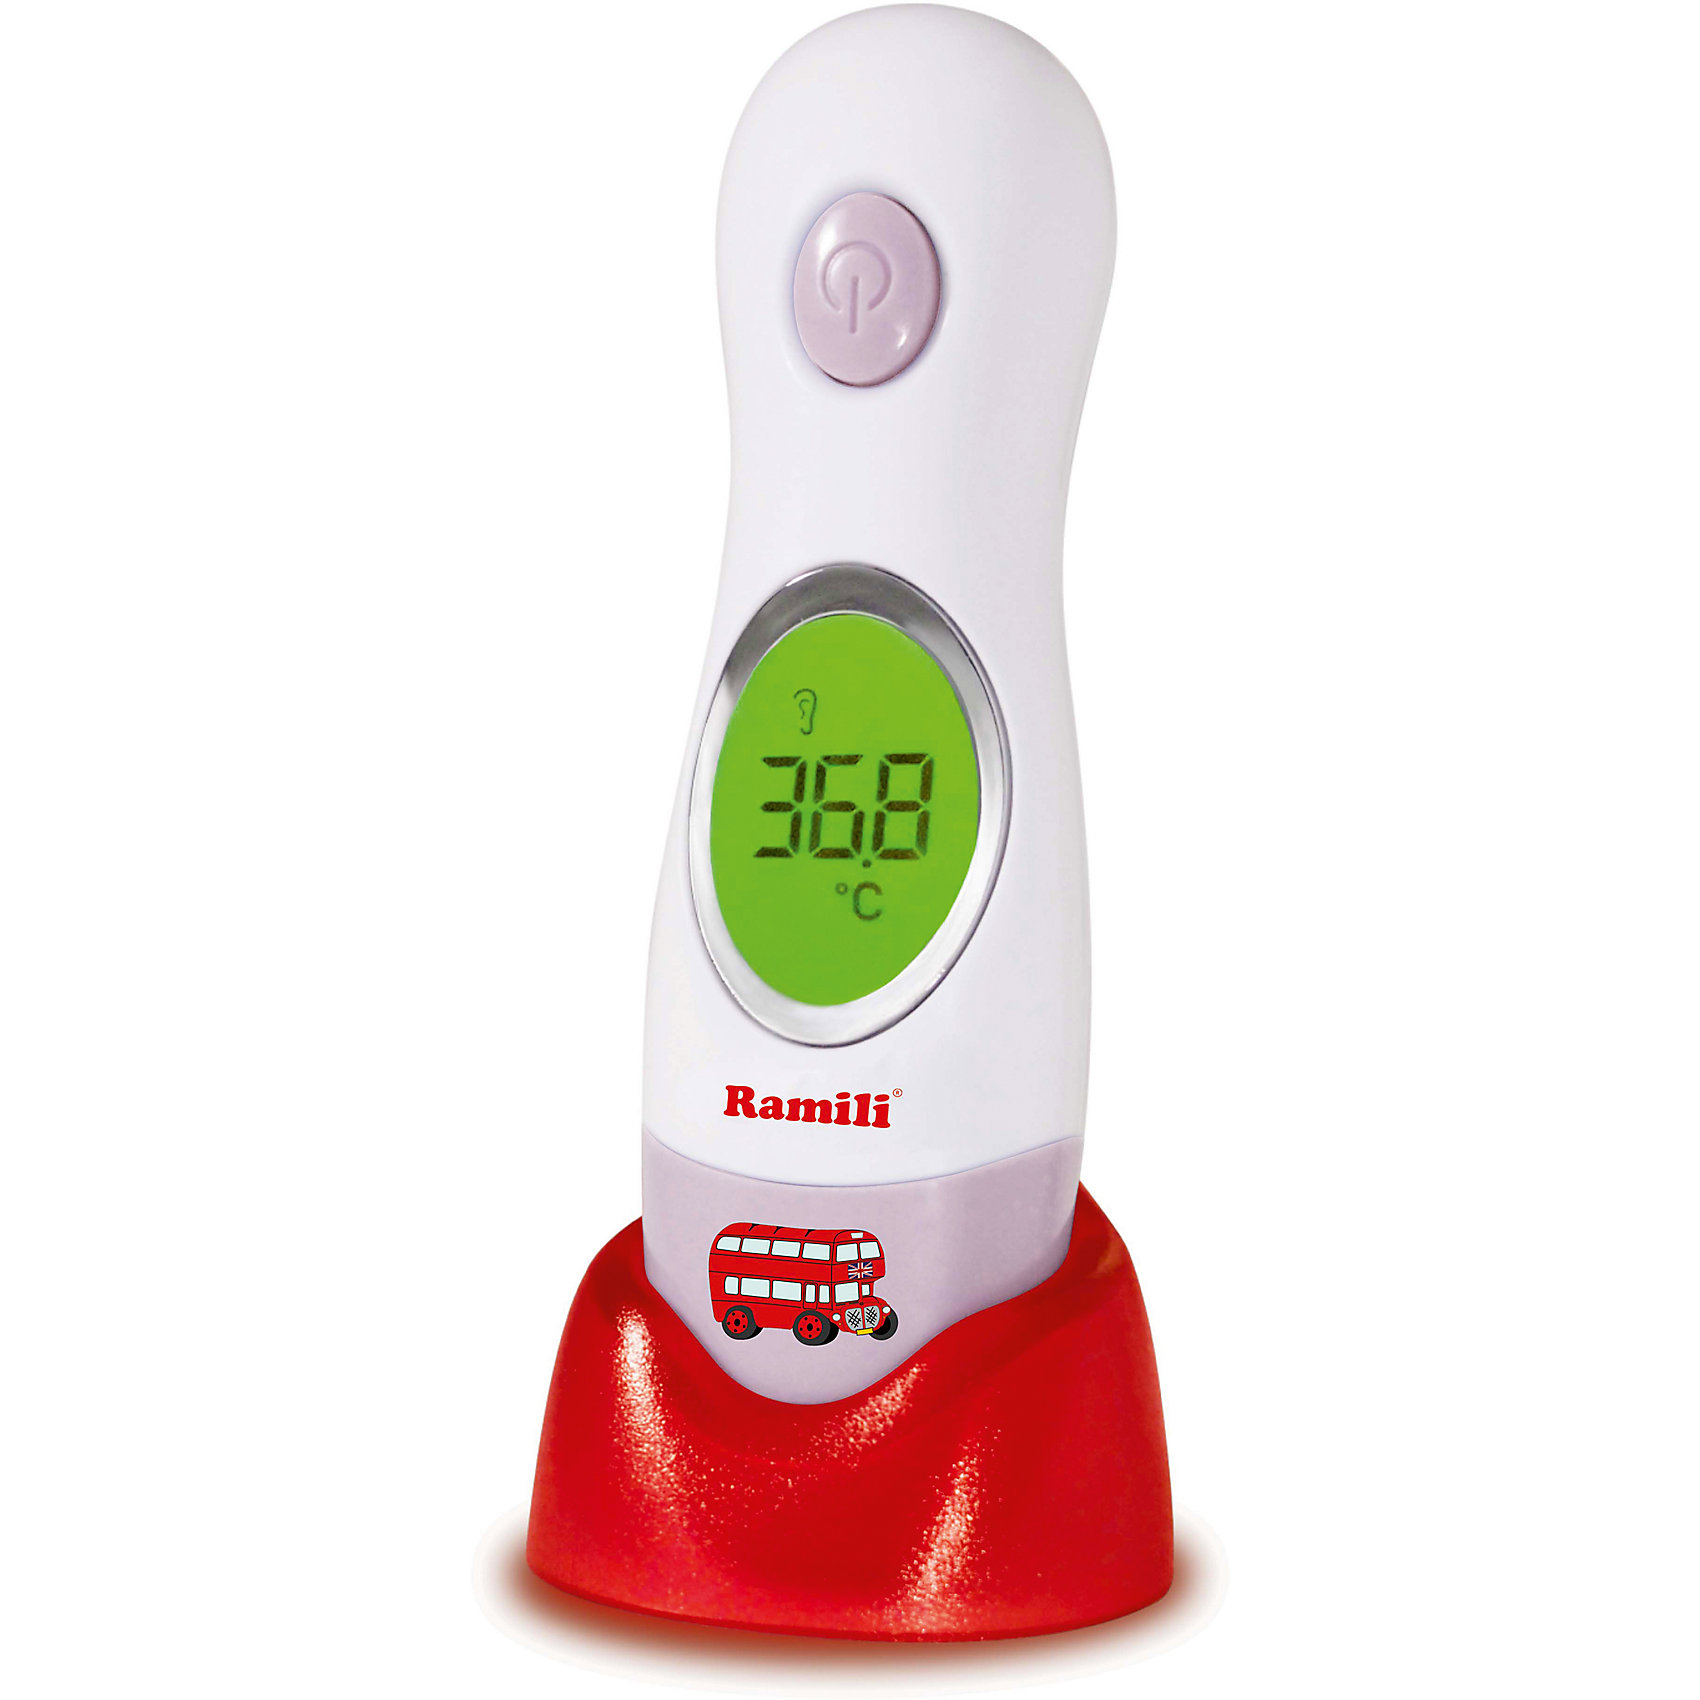 Ramili Инфракрасный ушной и лобный термометр ET3030 4 в 1, Ramili термометр chicco ушной инфракрасный comfort quick